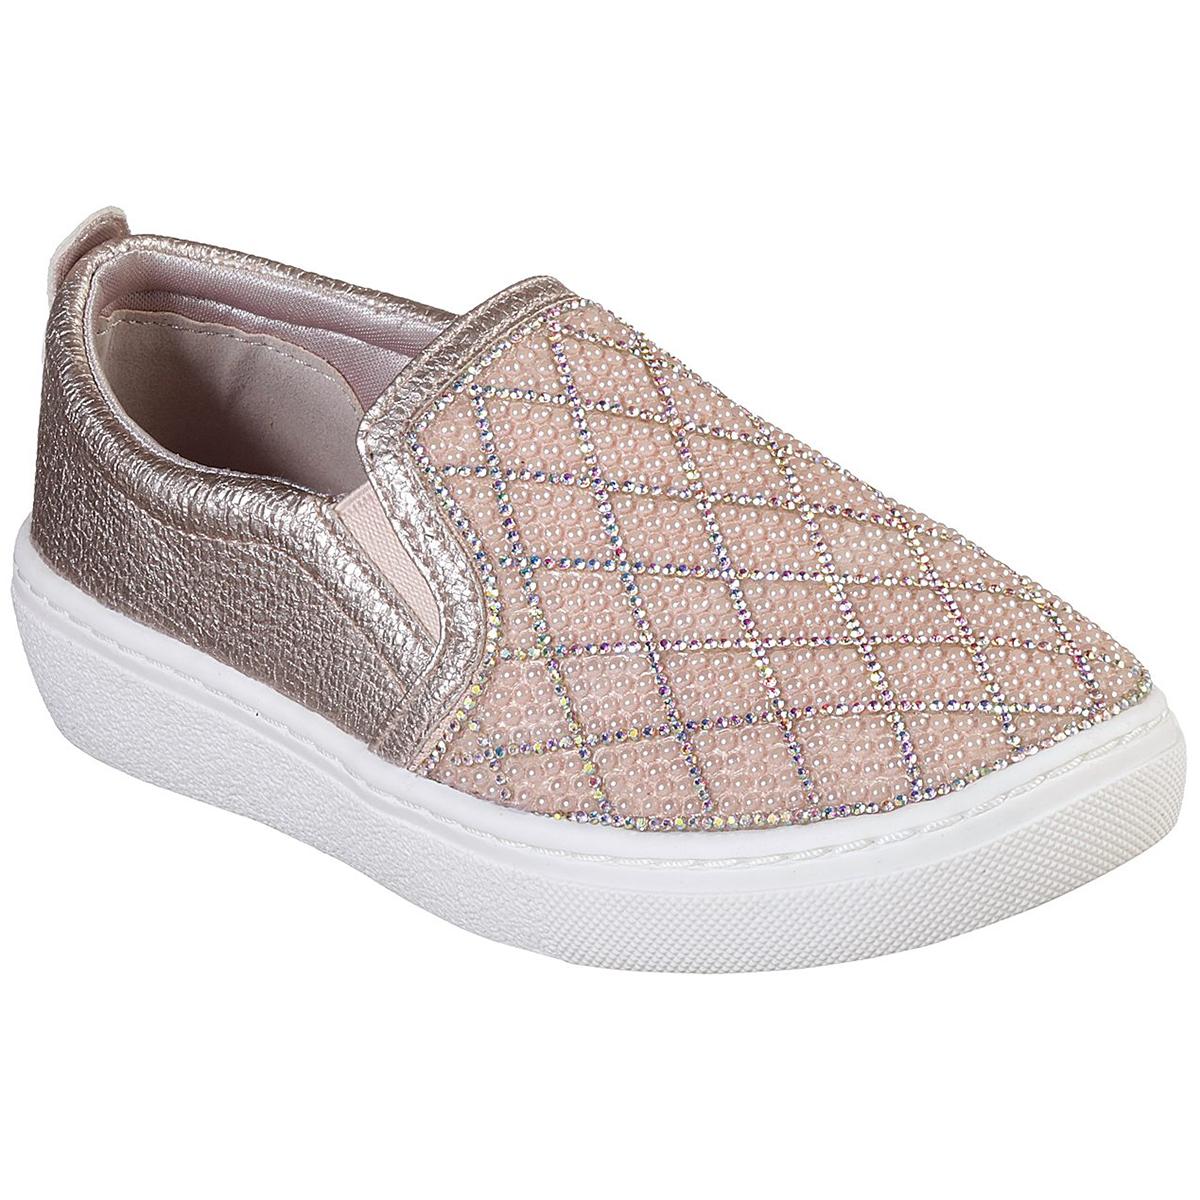 Skechers Little Girls' Goldie Diamond Darling Slip On Sneakers - Red, 4